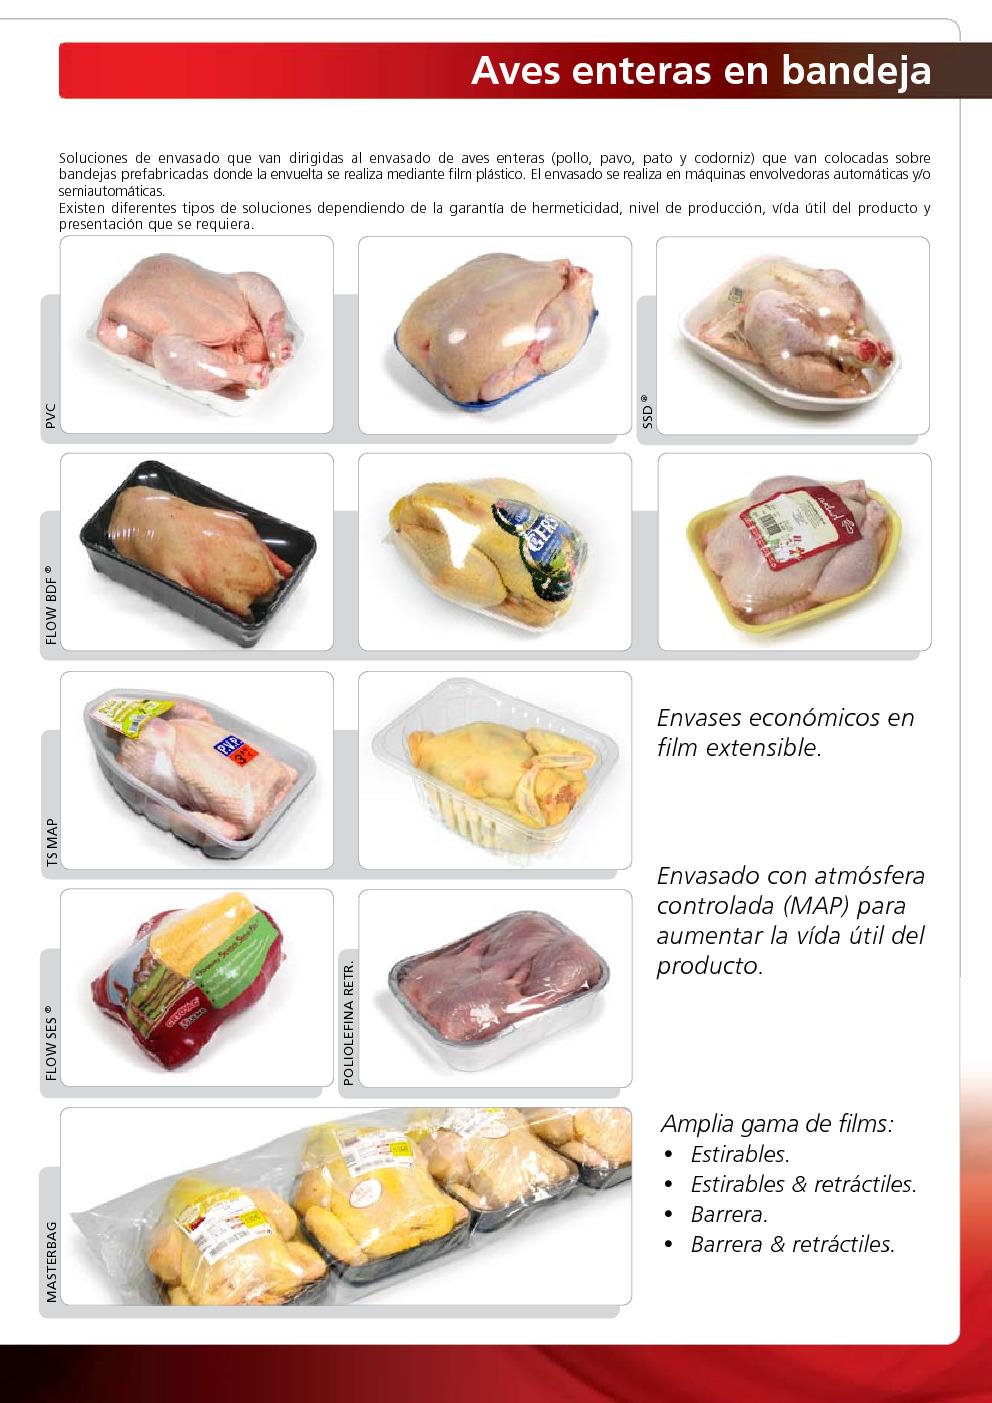 Soluciones de envasado para productos av colas pollo - Ulma granada ...